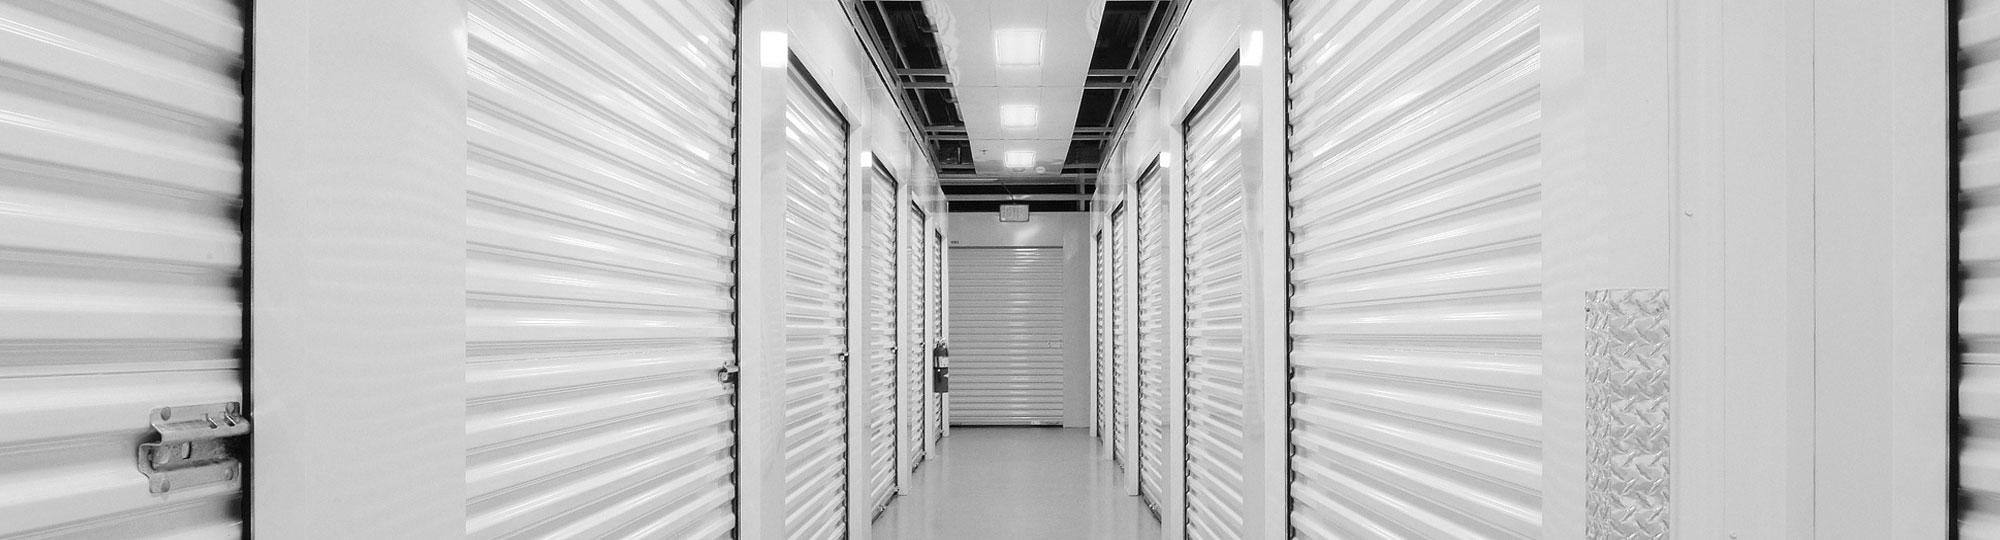 Hallway interior with self-storage doors